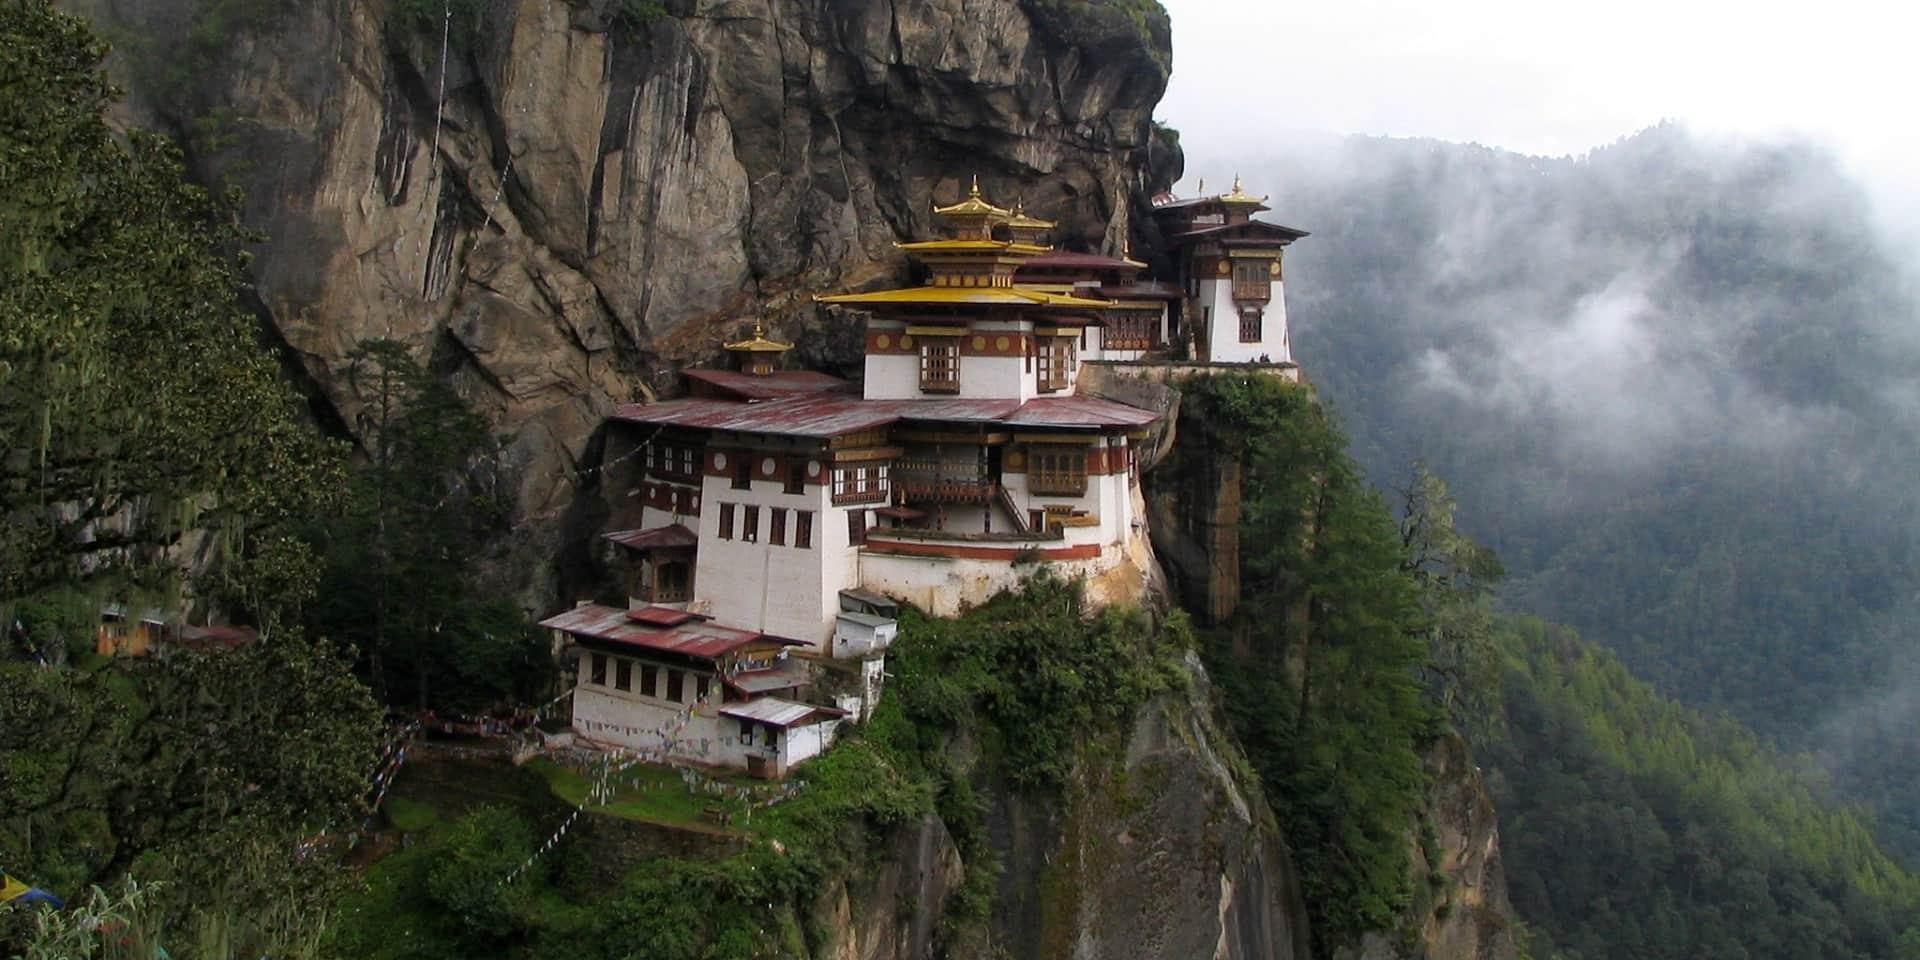 Тур в Бутан. Храм гнездо тигрицы фото